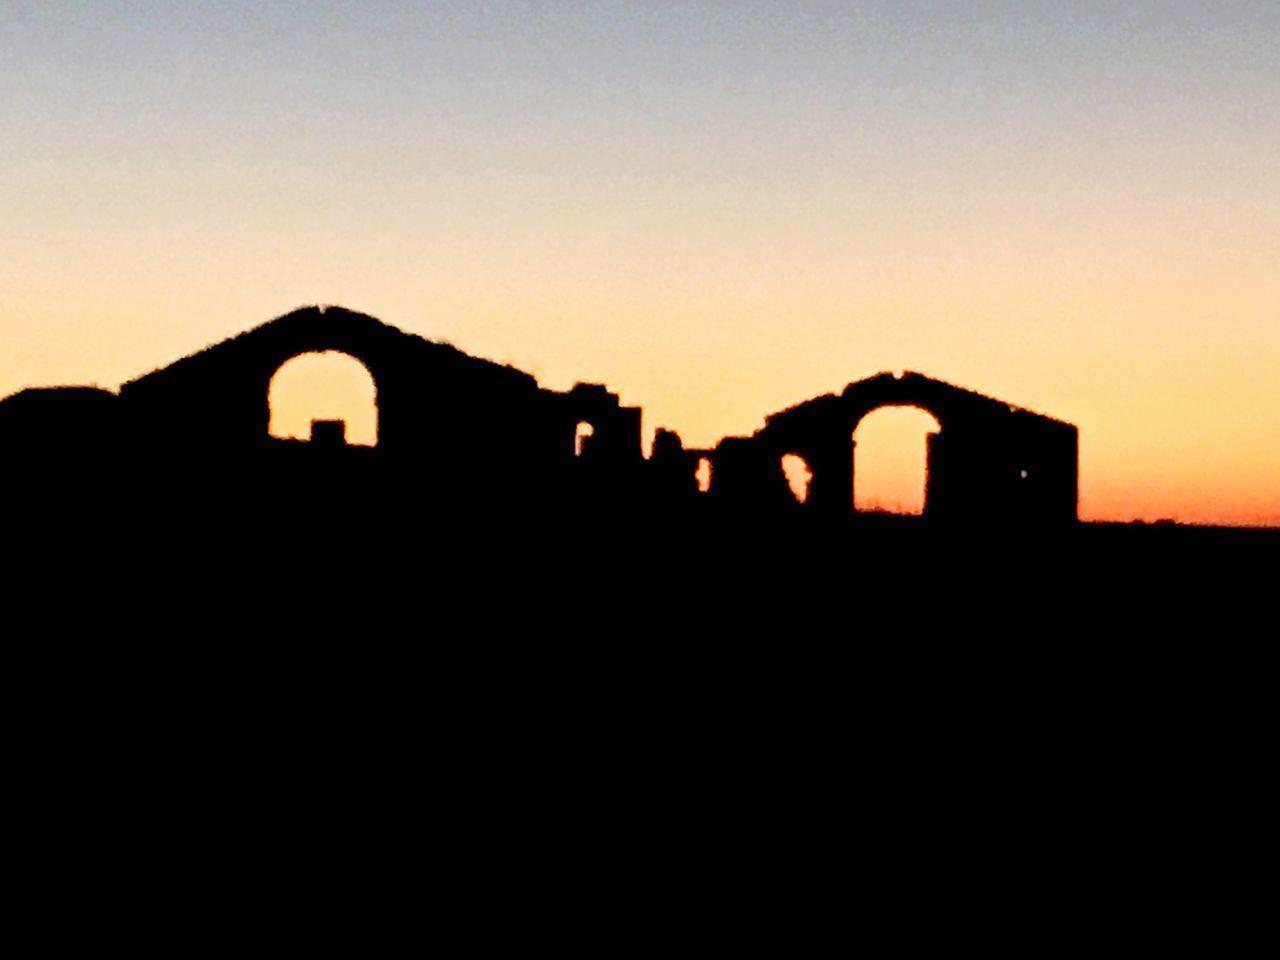 Italy Southitaly Basilicata Sunset Silhouette Scenics